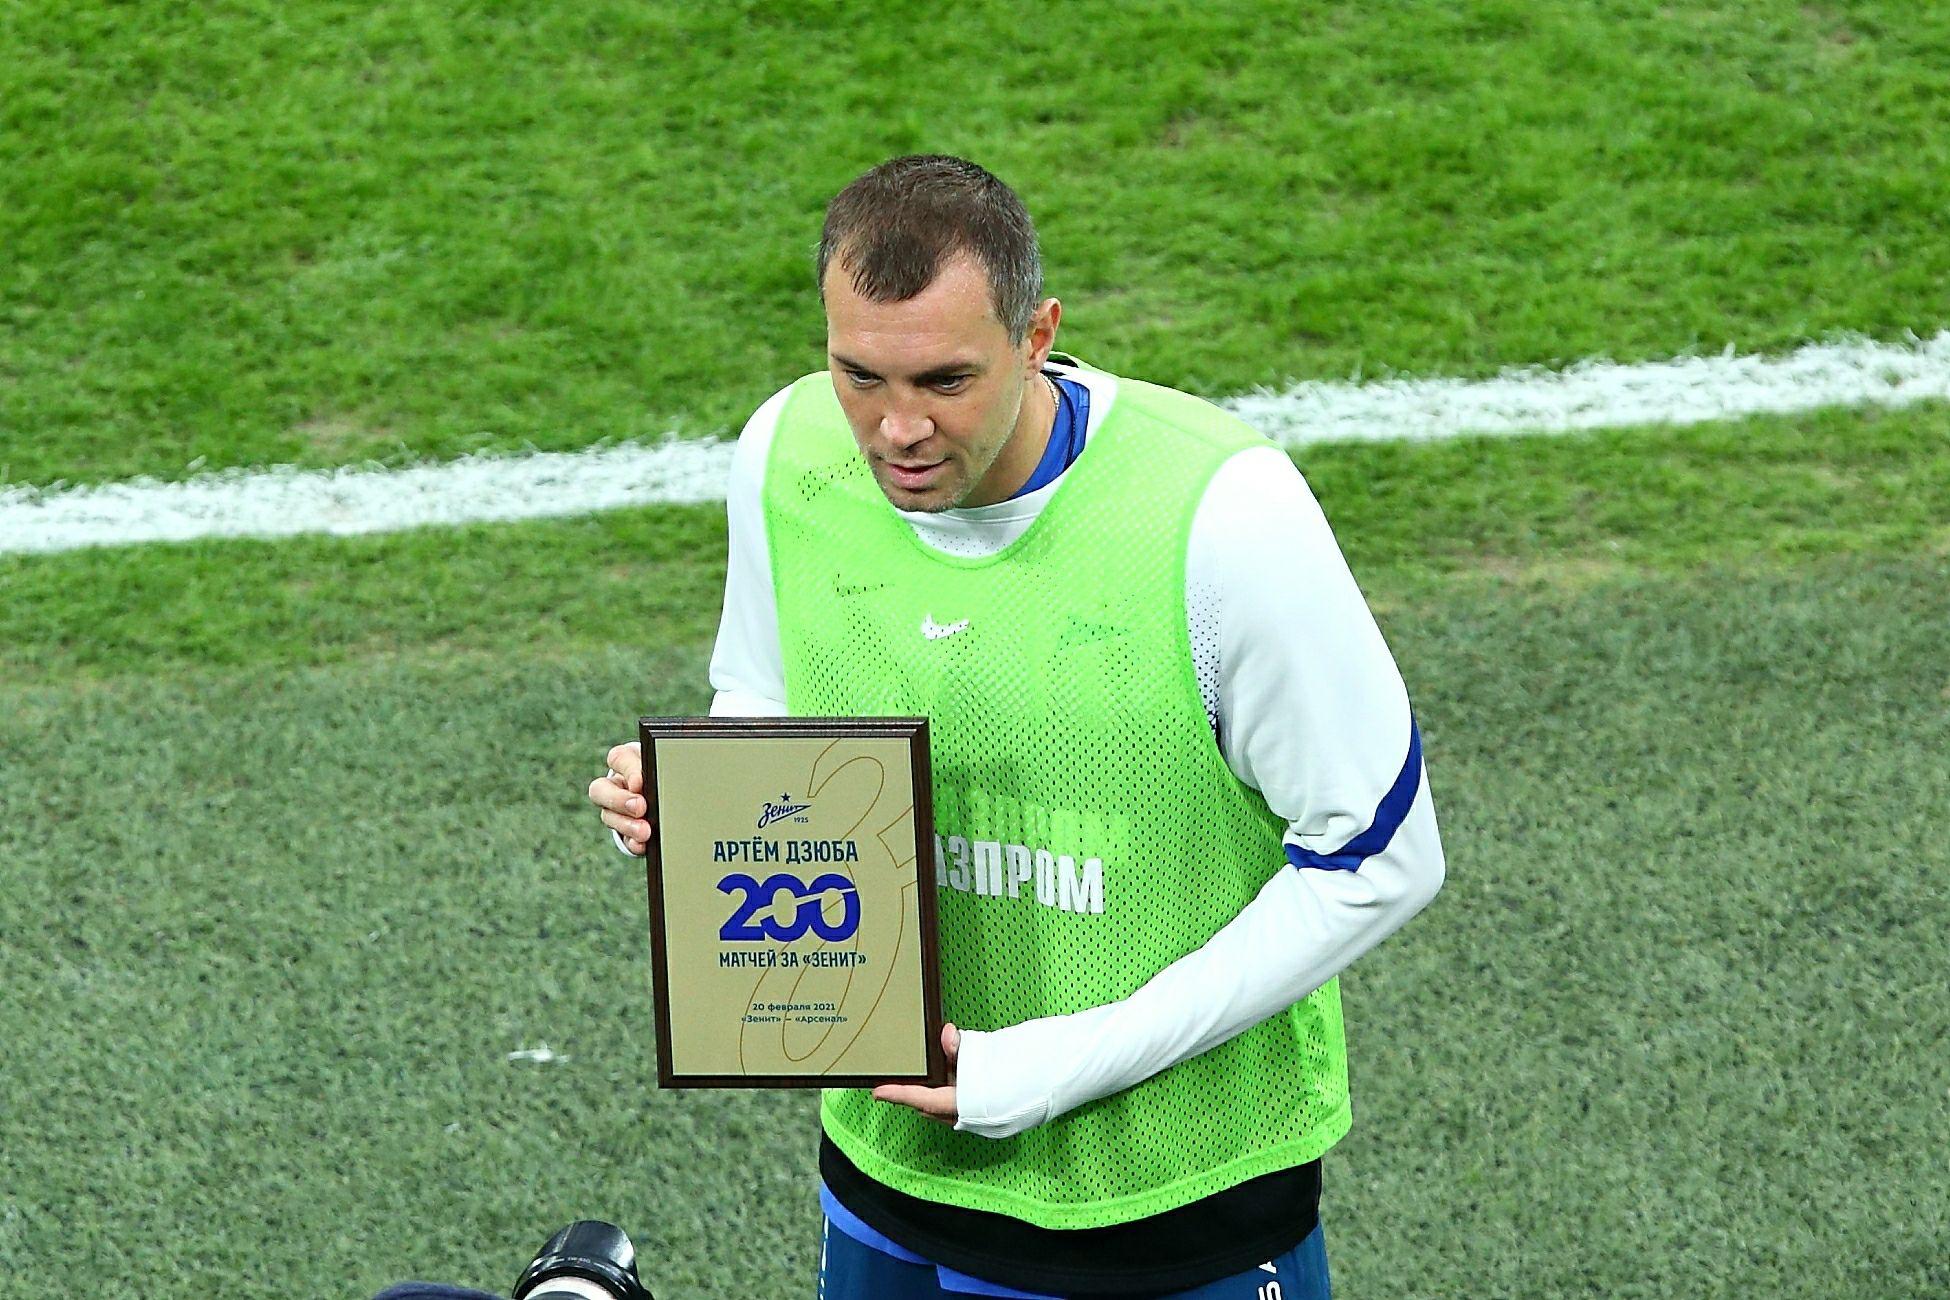 Кавазашвили: 'Черчесов простил Дзюбу то, что он опозорил себя и сборную на весь мир'